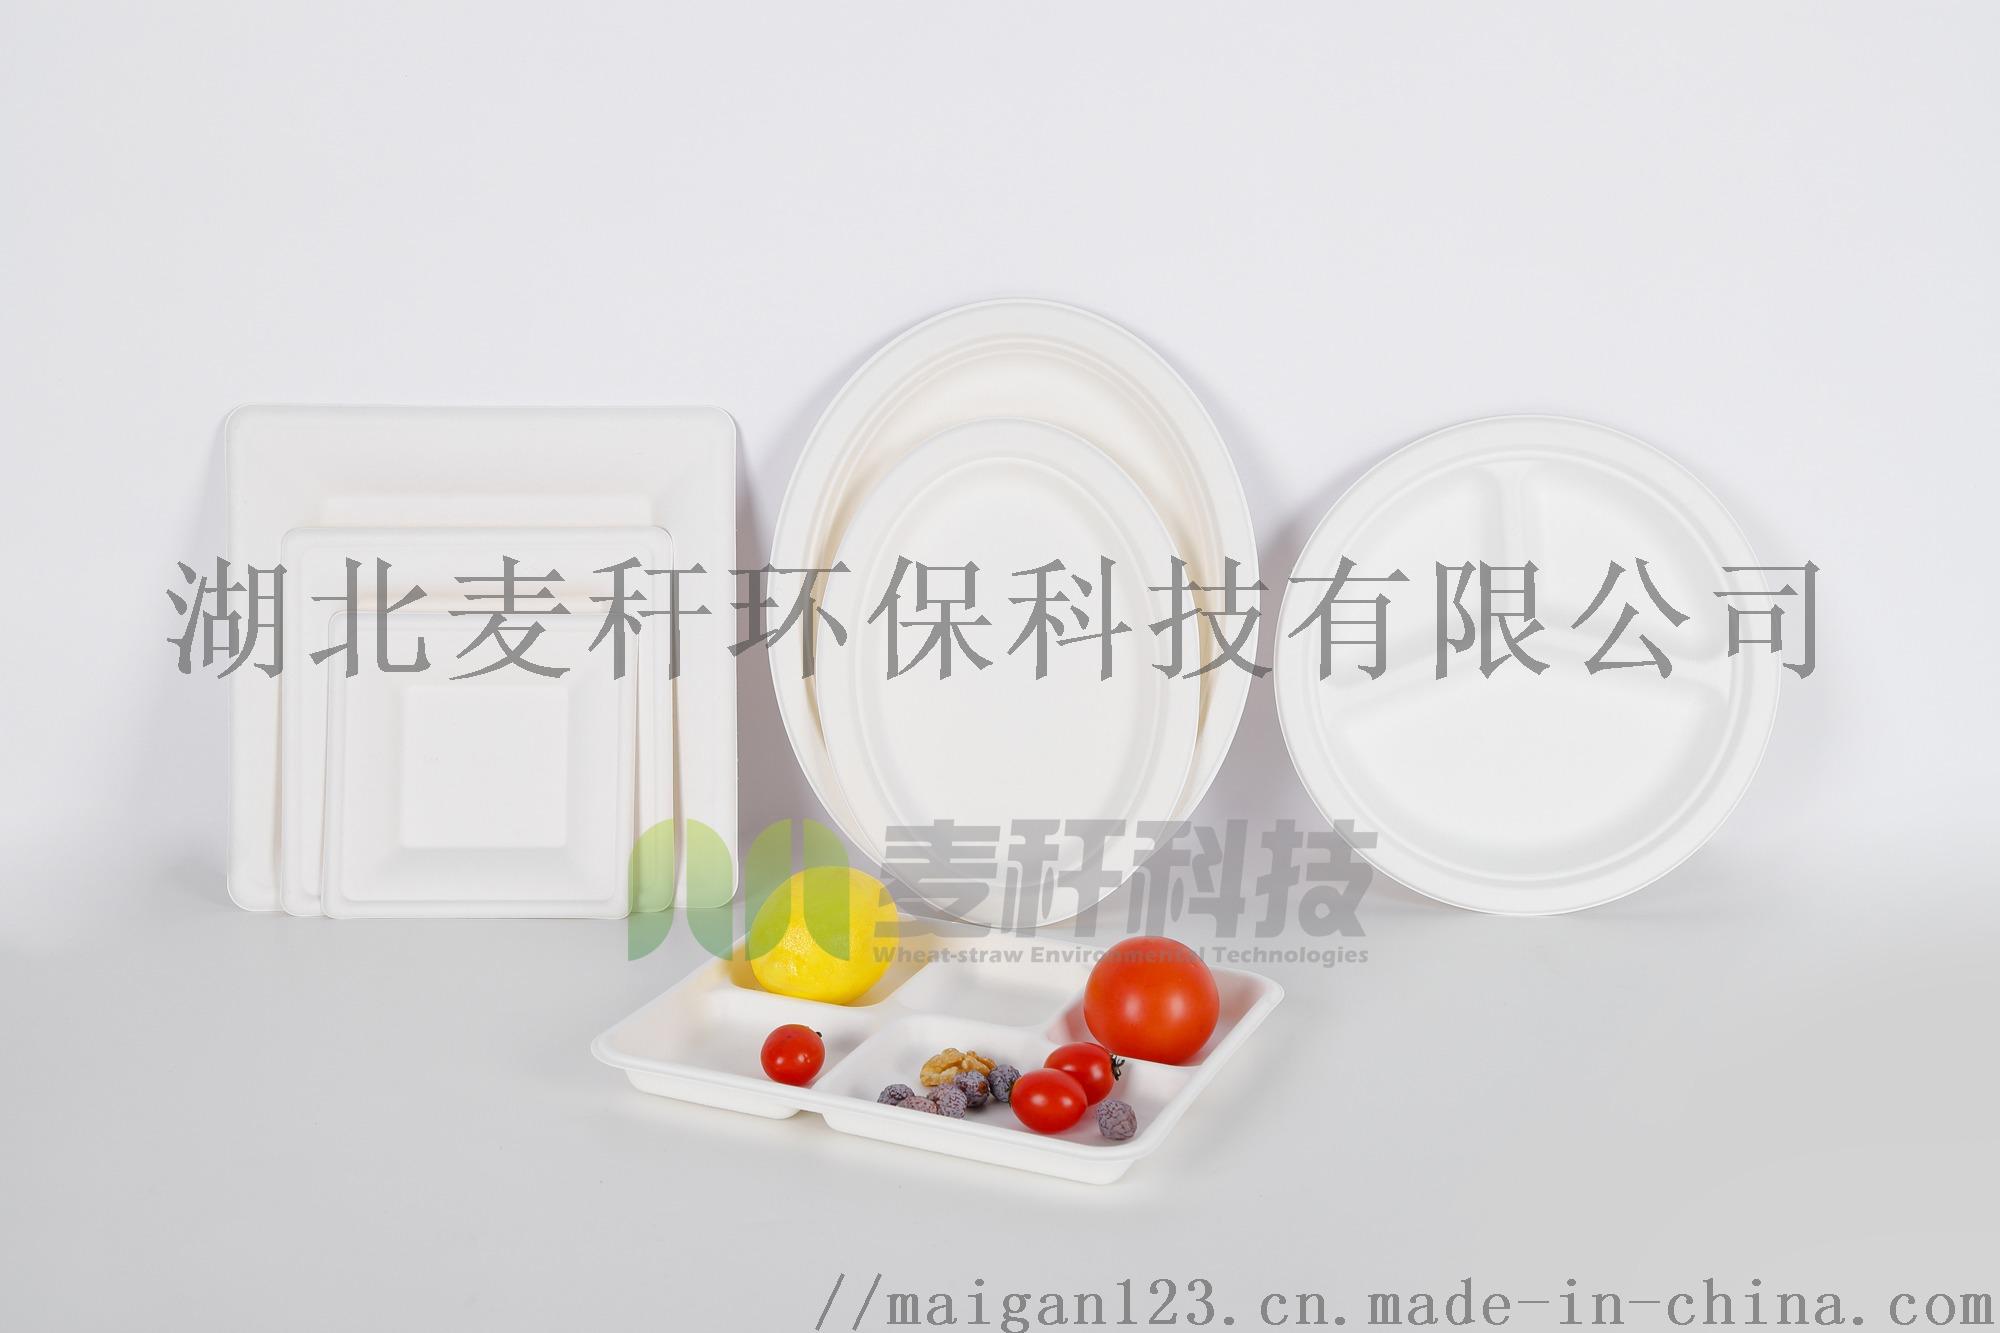 環保可降解一次性食具,工廠直髮,9寸圓盤831047732